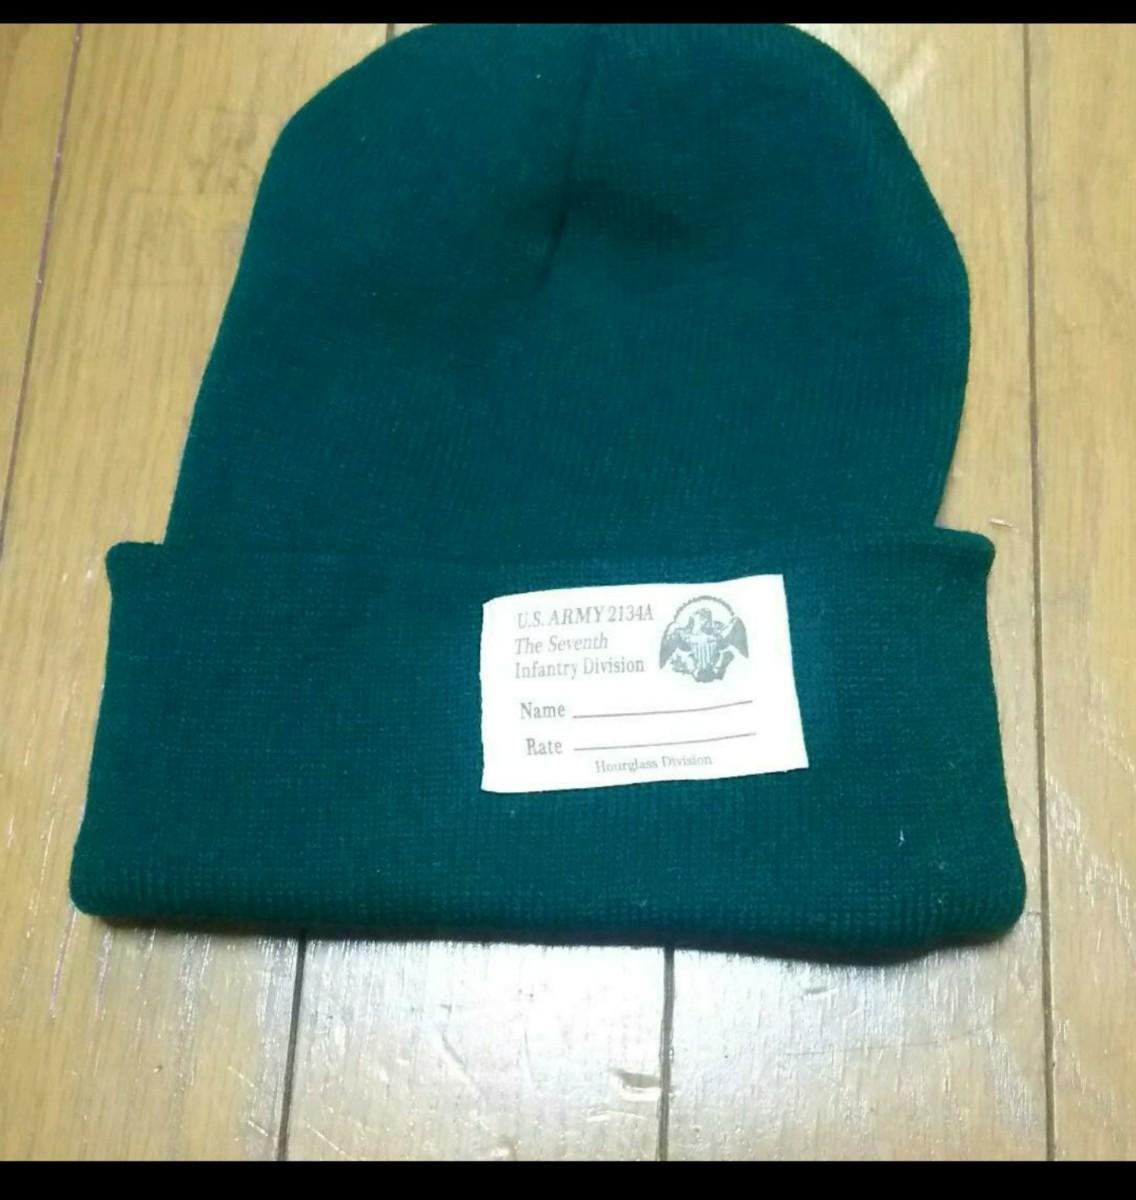 モスグリーン*深緑*ニット帽